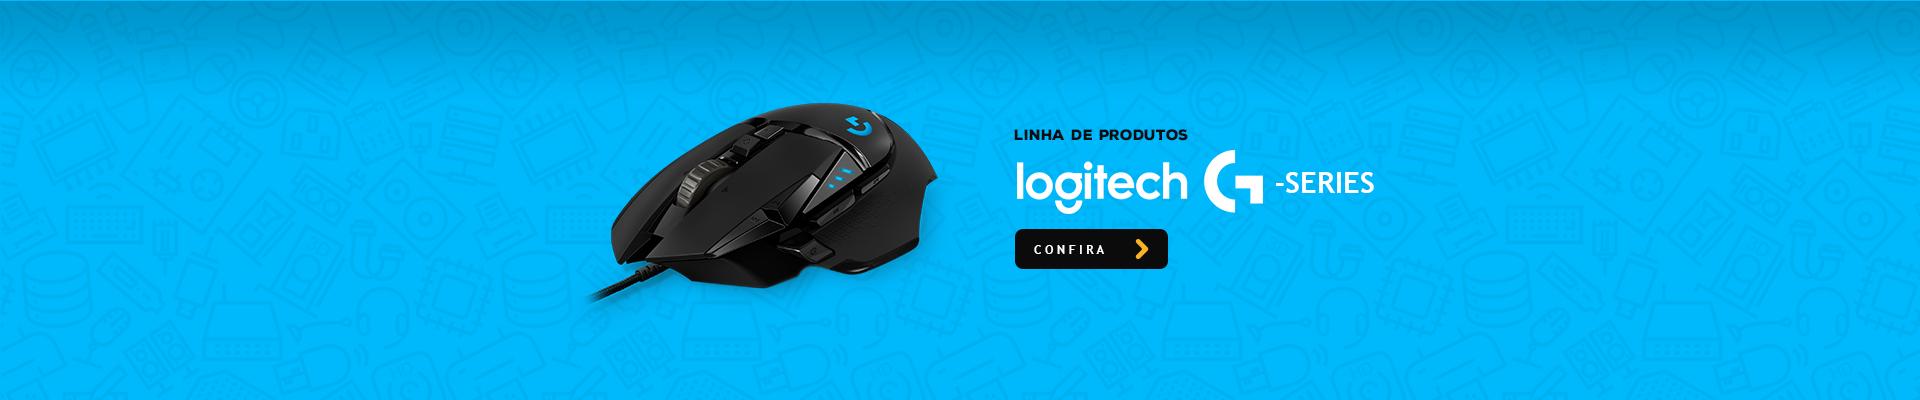 Linha Logitech G-Series